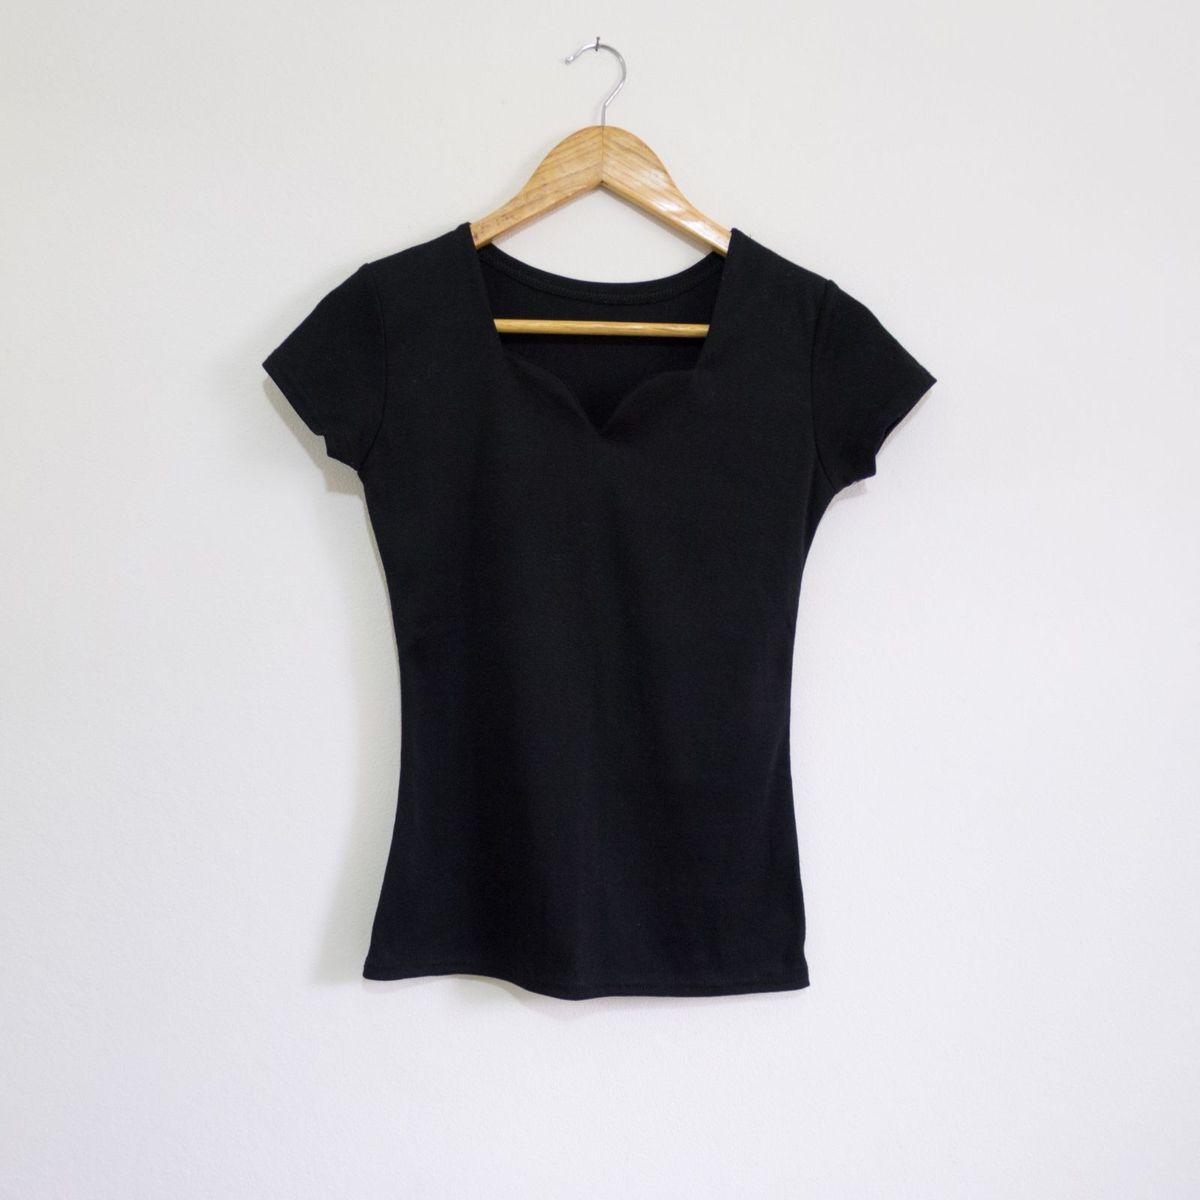 blusa preta decote coração - blusas sem marca